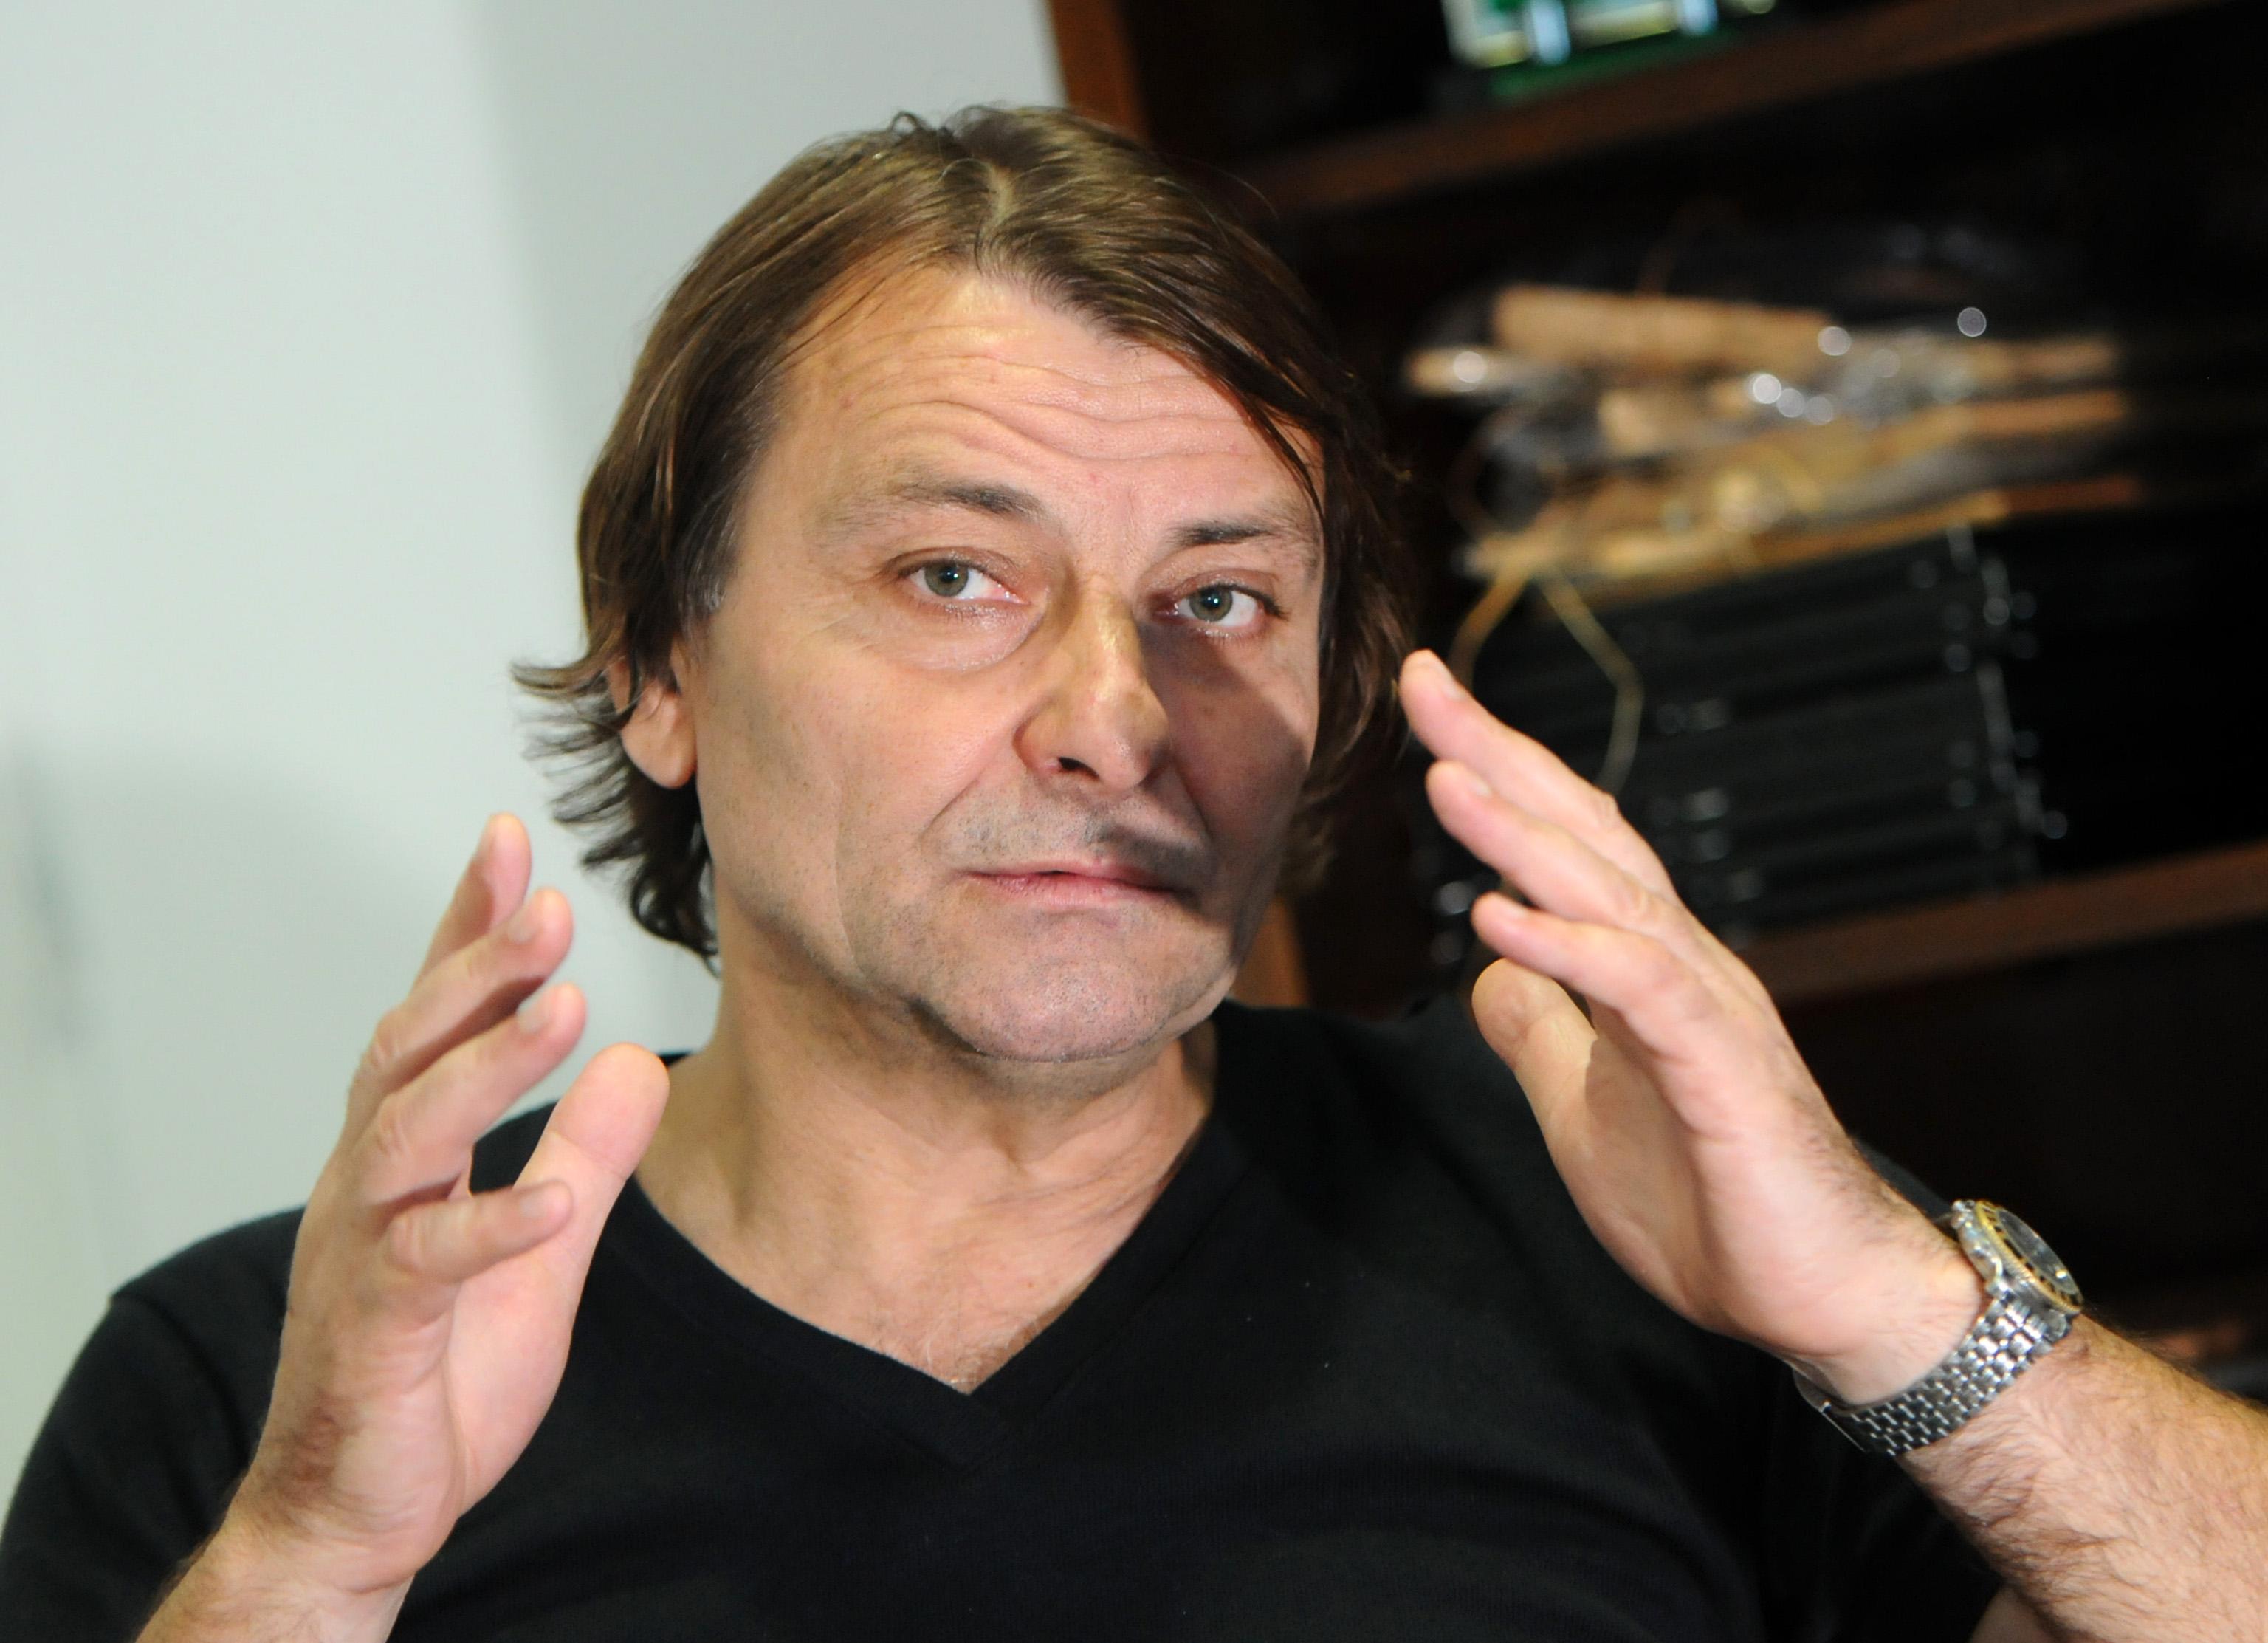 Il Brasile ordina l'arresto di Cesare Battisti